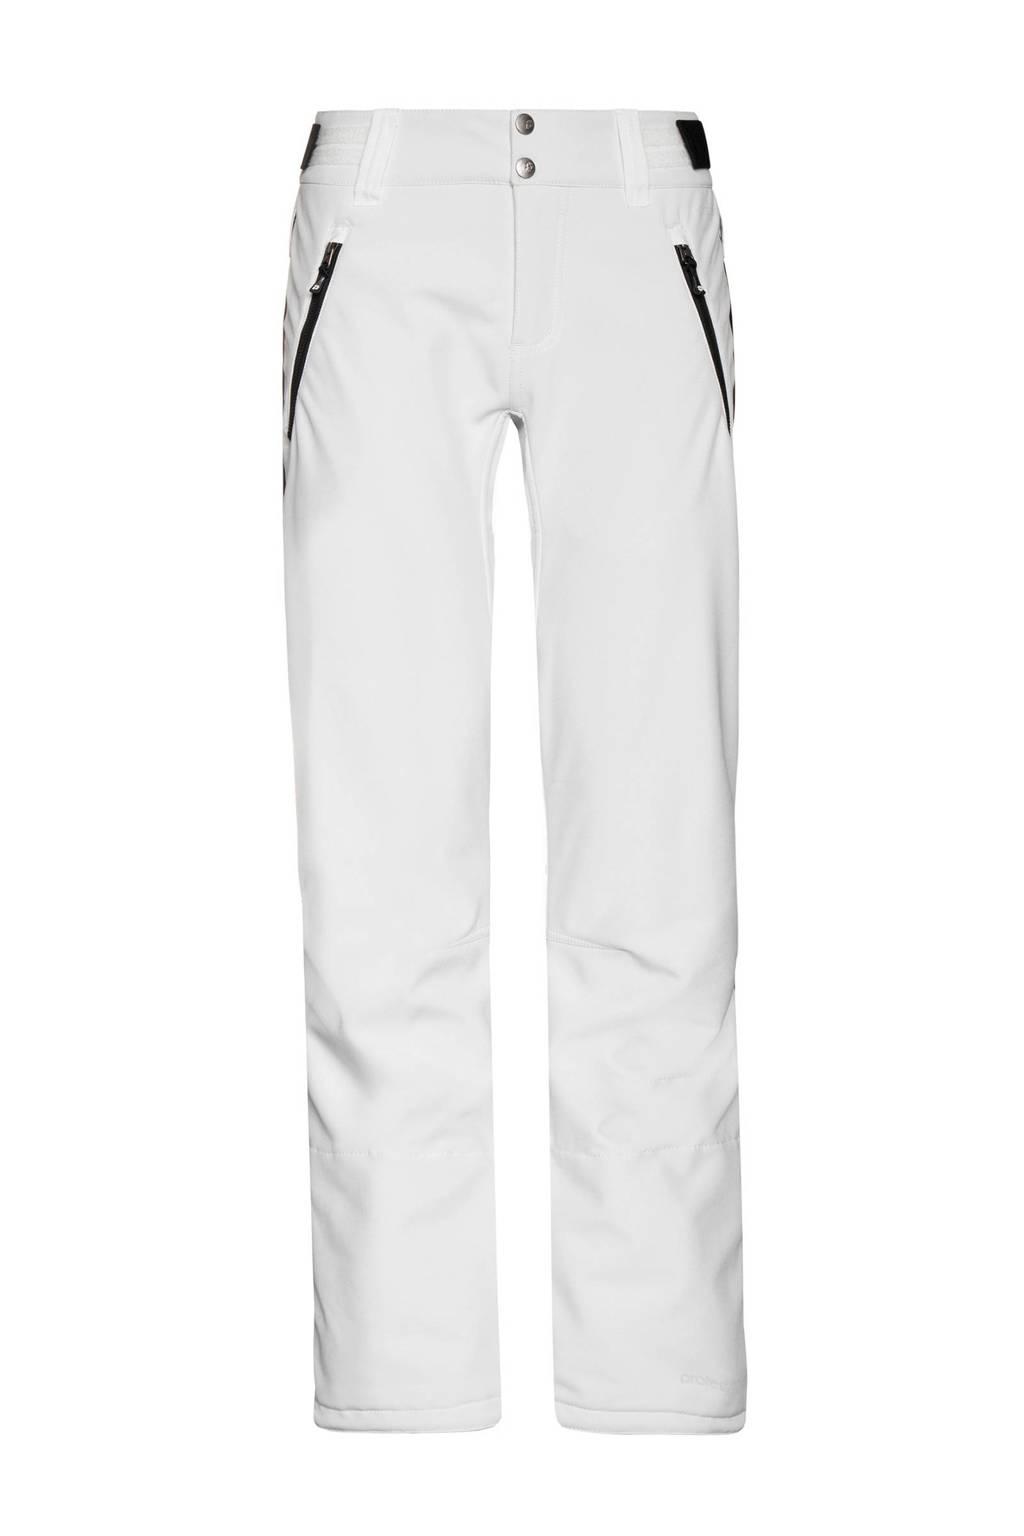 Protest softshell skibroek Coco wit/zwart, Wit/zwart